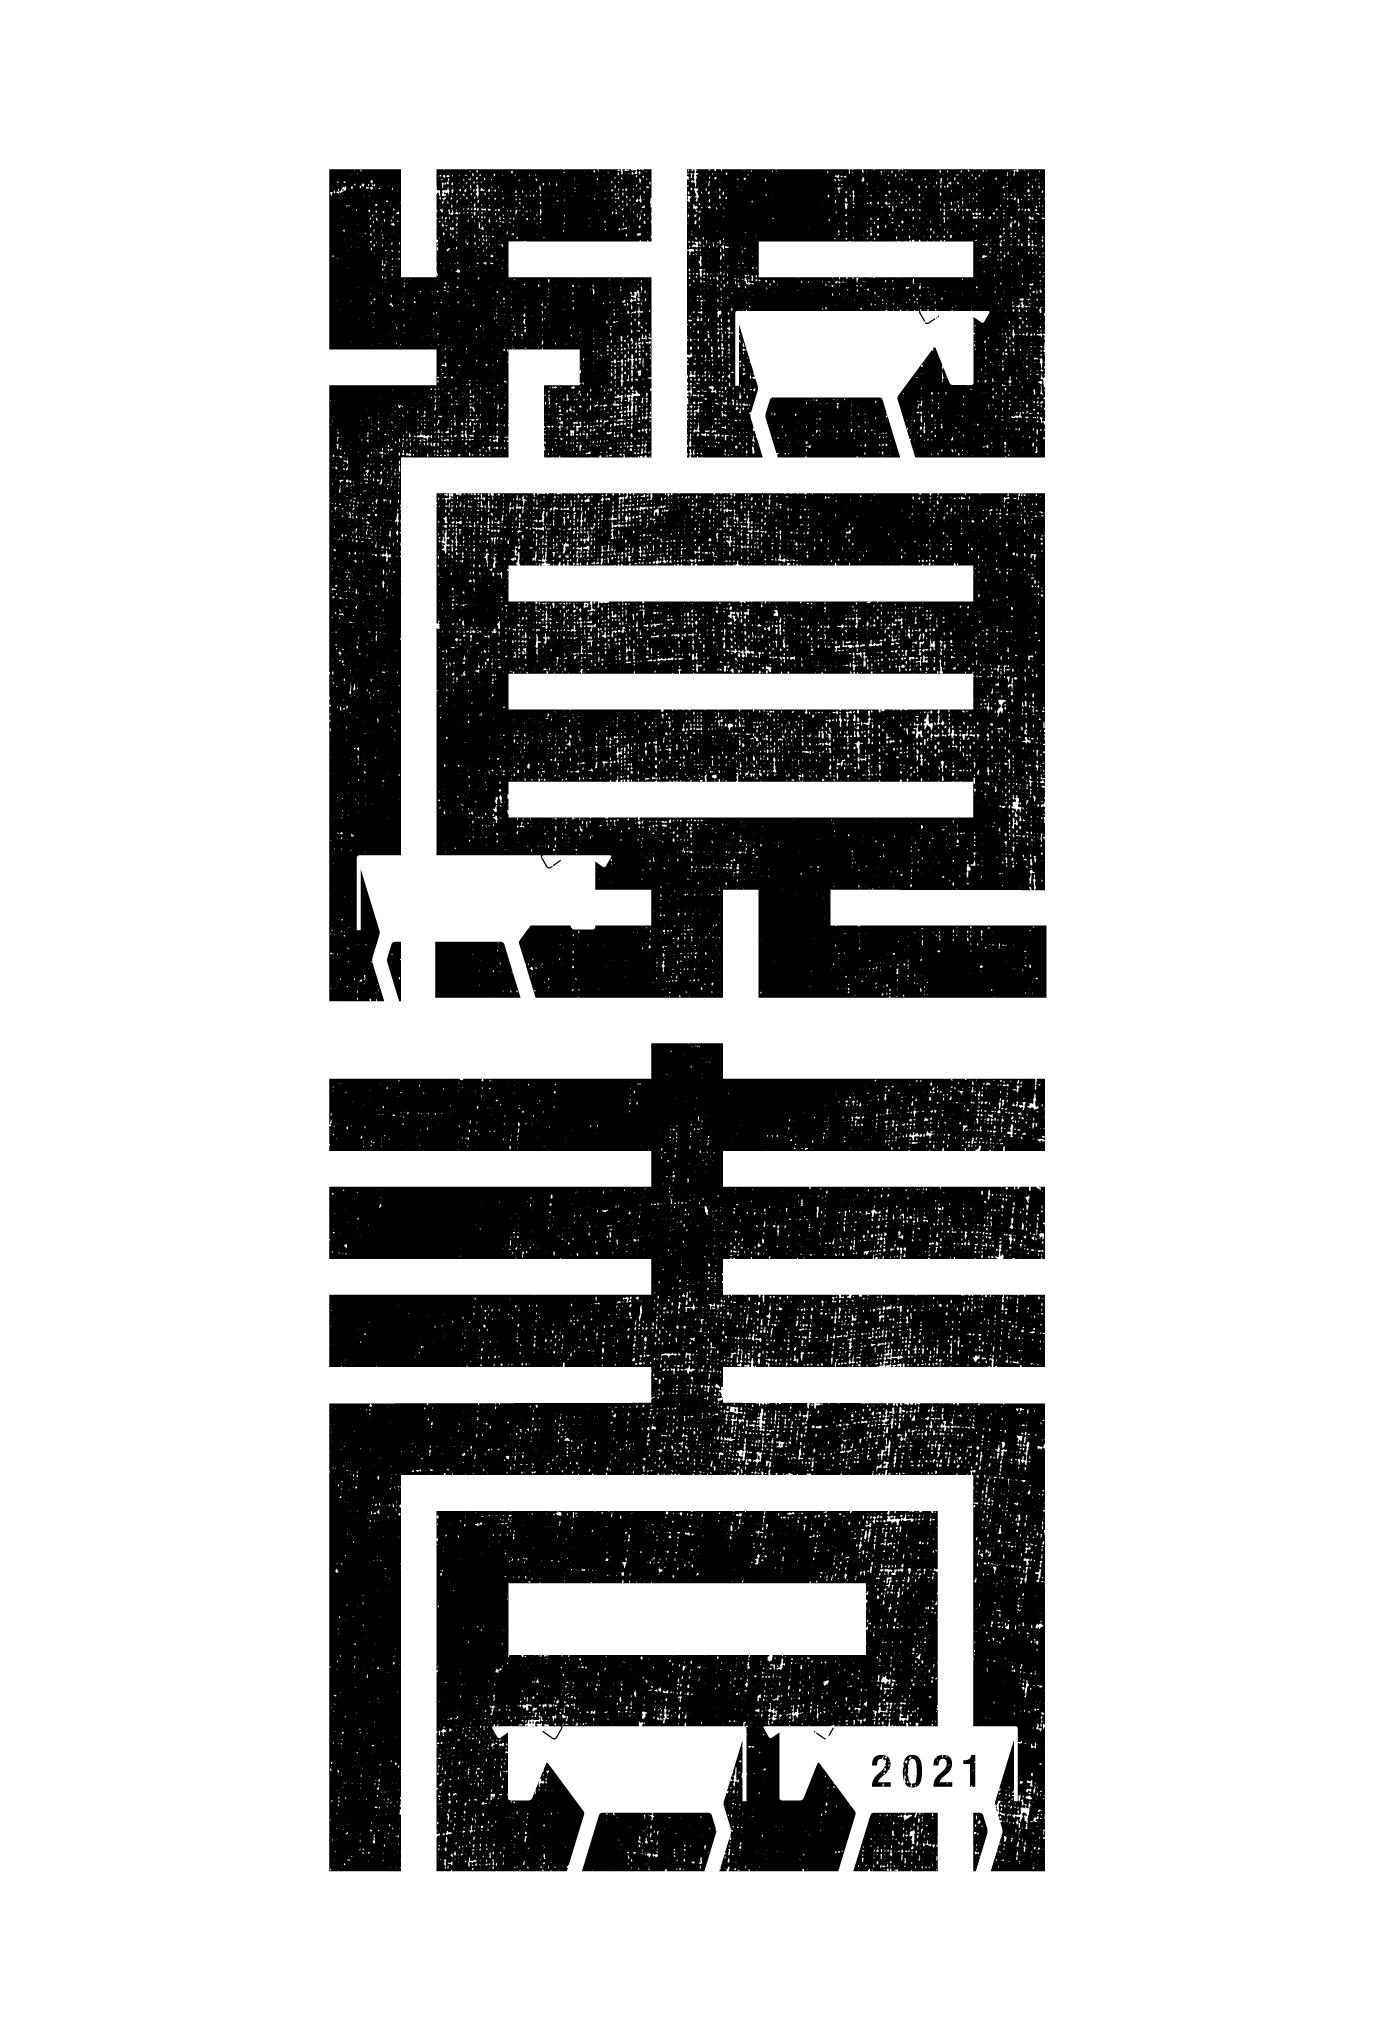 2021年賀状14-1:江戸角字(賀春)黒のダウンロード画像